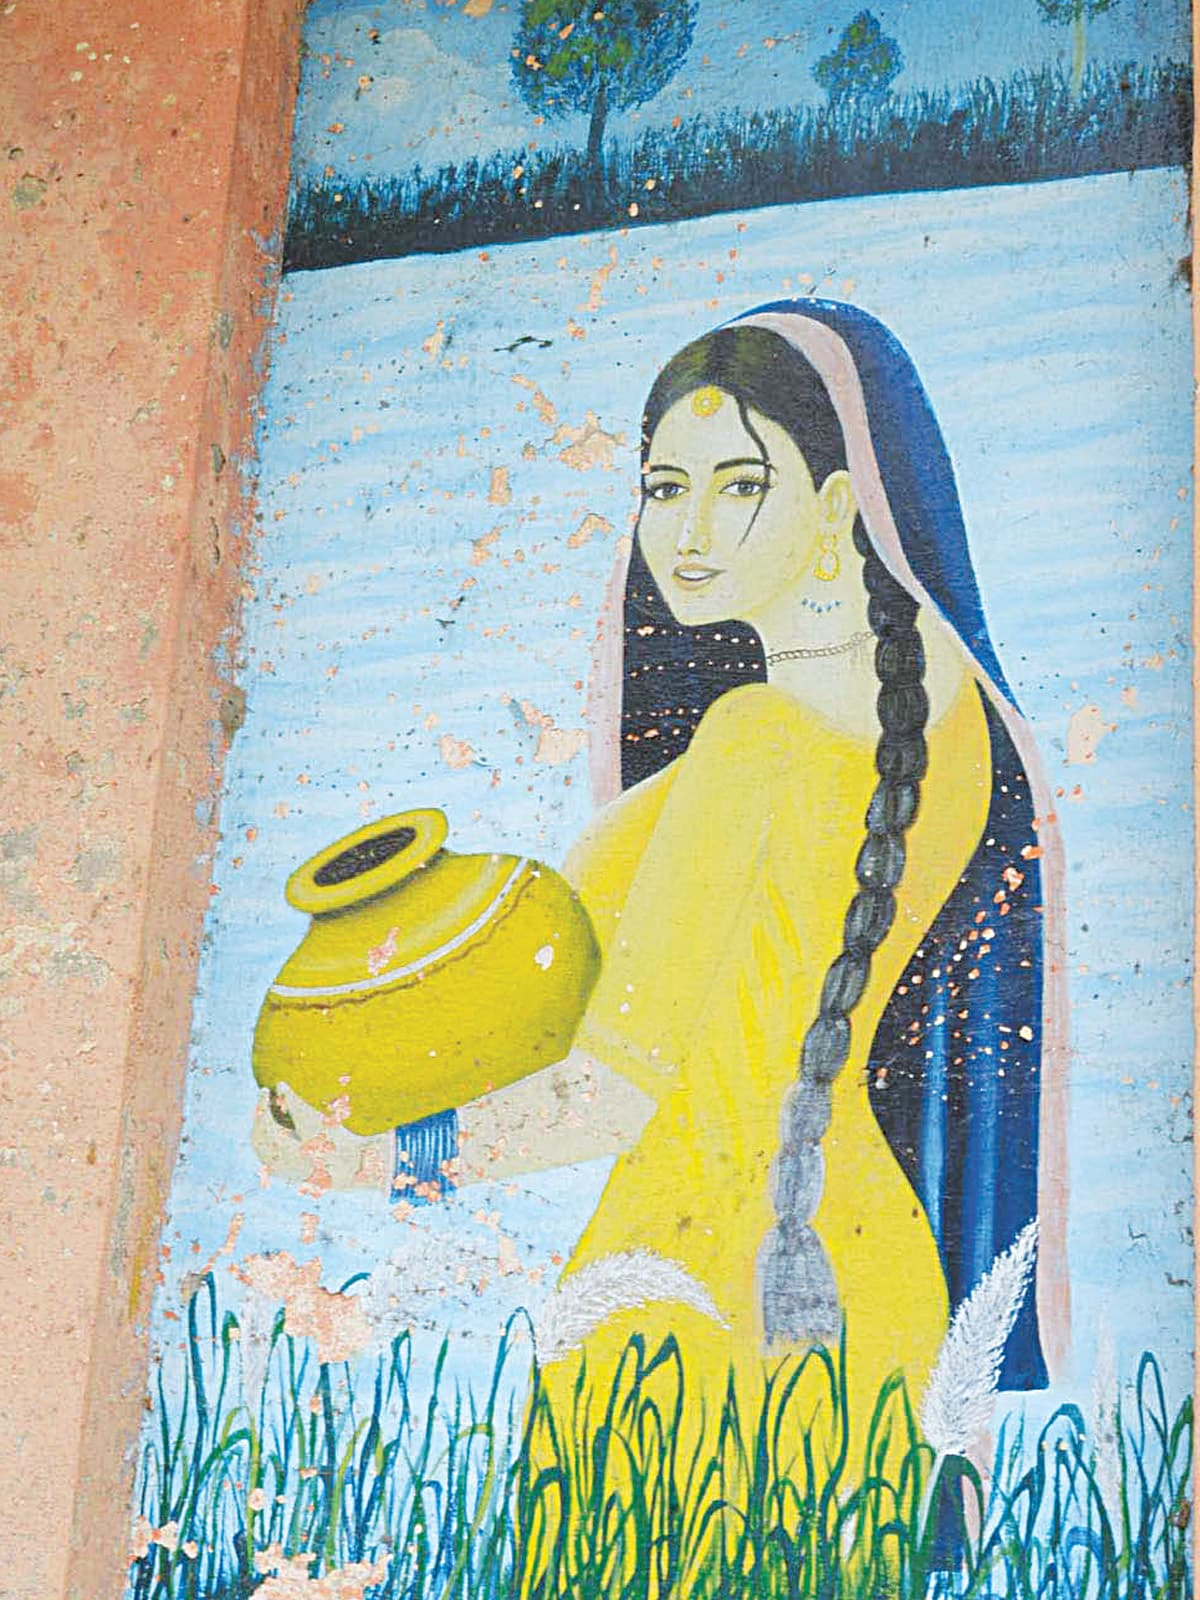 A painting from a Punjabi folk tale adorns the walls of Khoj Garh | Azhar Jafri, Wihte Star